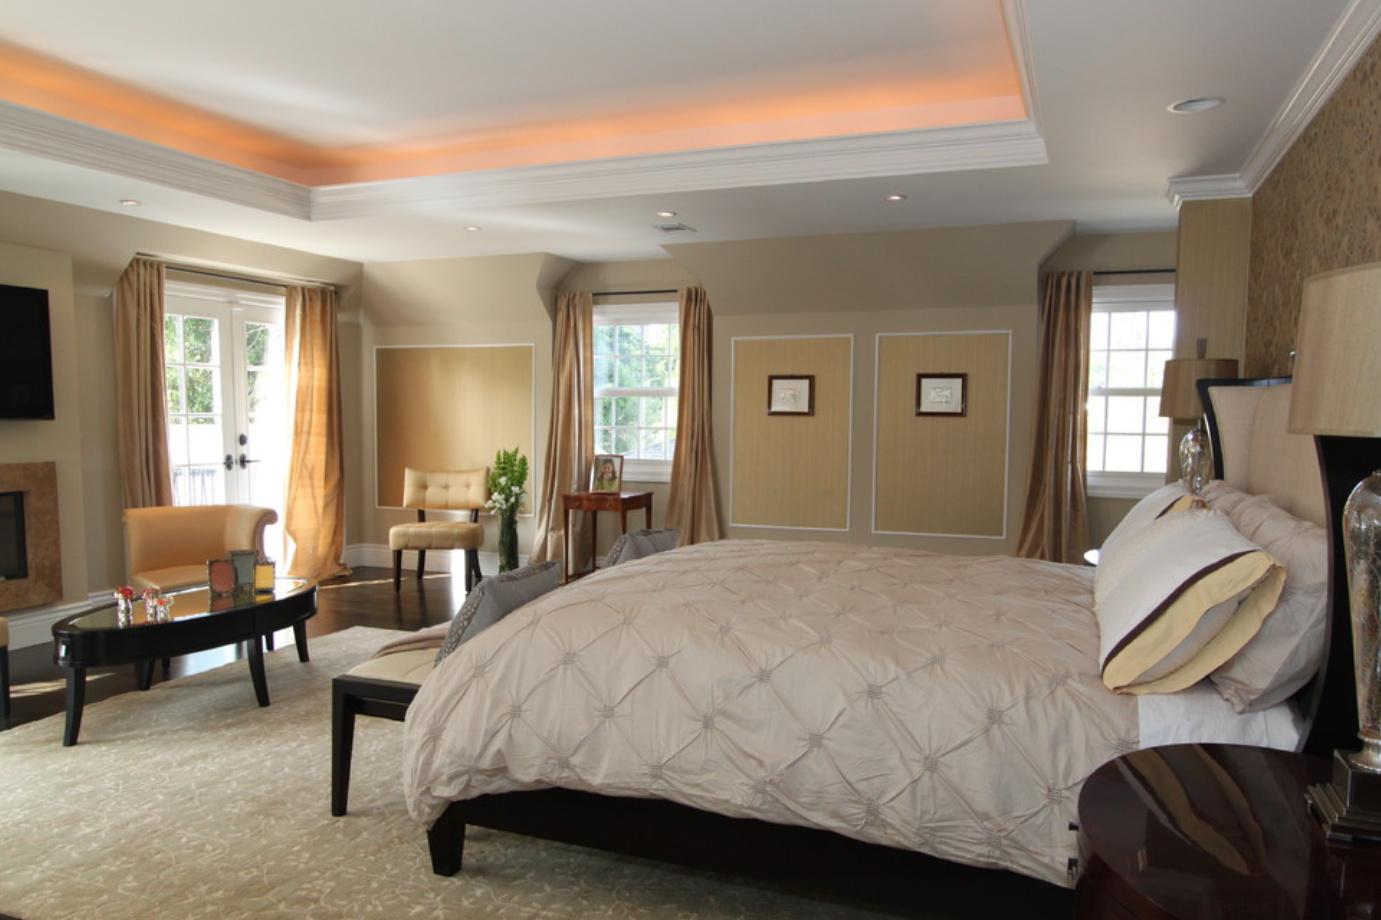 Как сделать красивый потолок в спальне фото